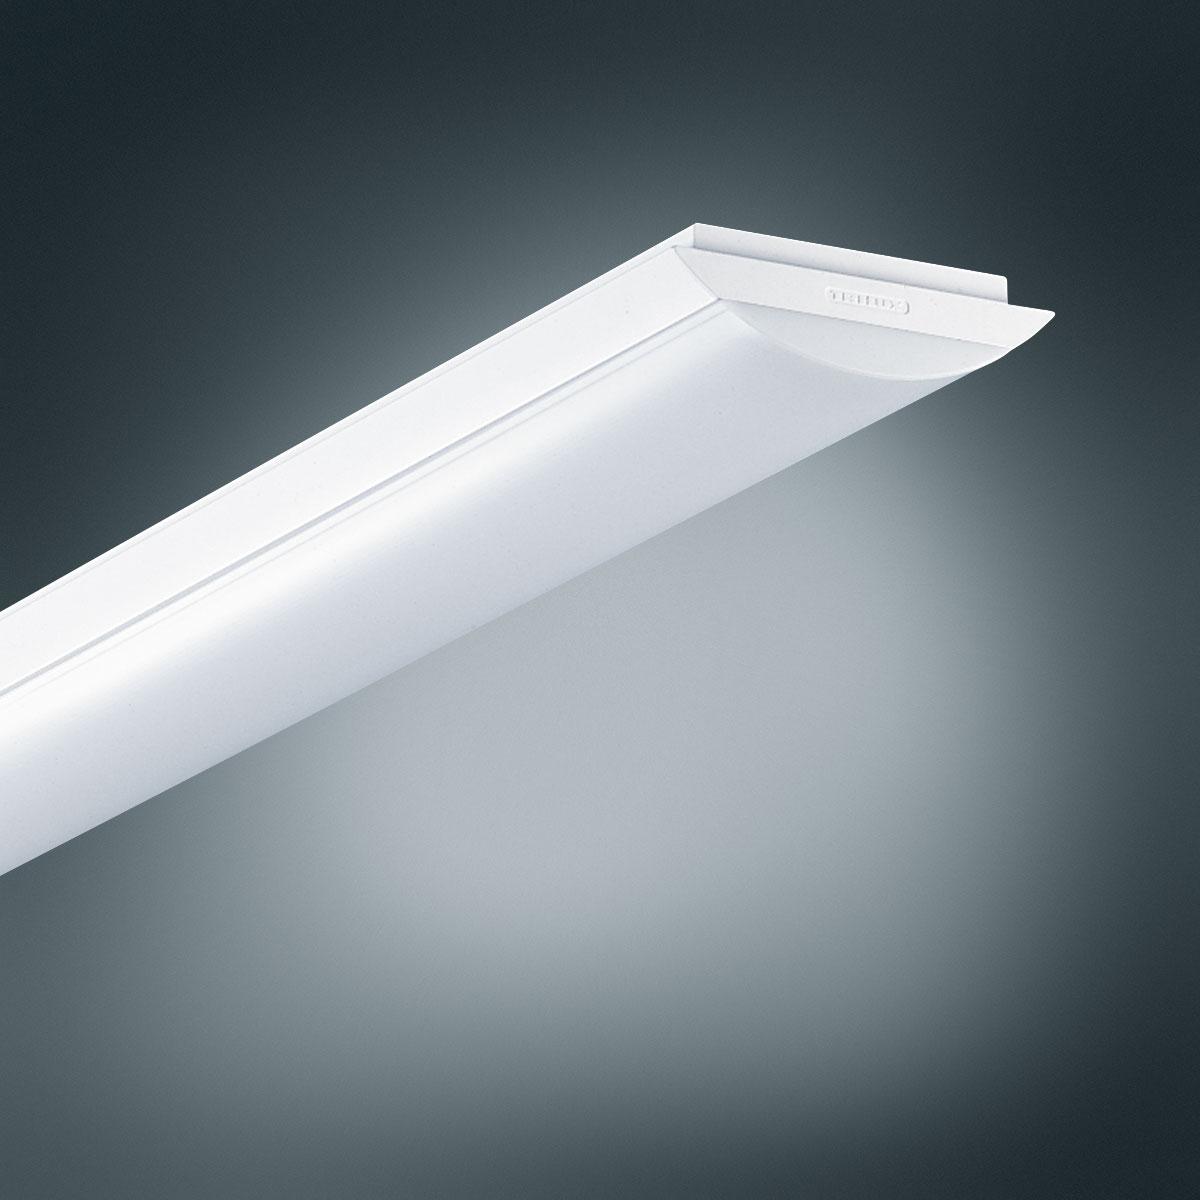 Flurbeleuchtung flurleuchten in kliniken trilux - Flurbeleuchtung led ...